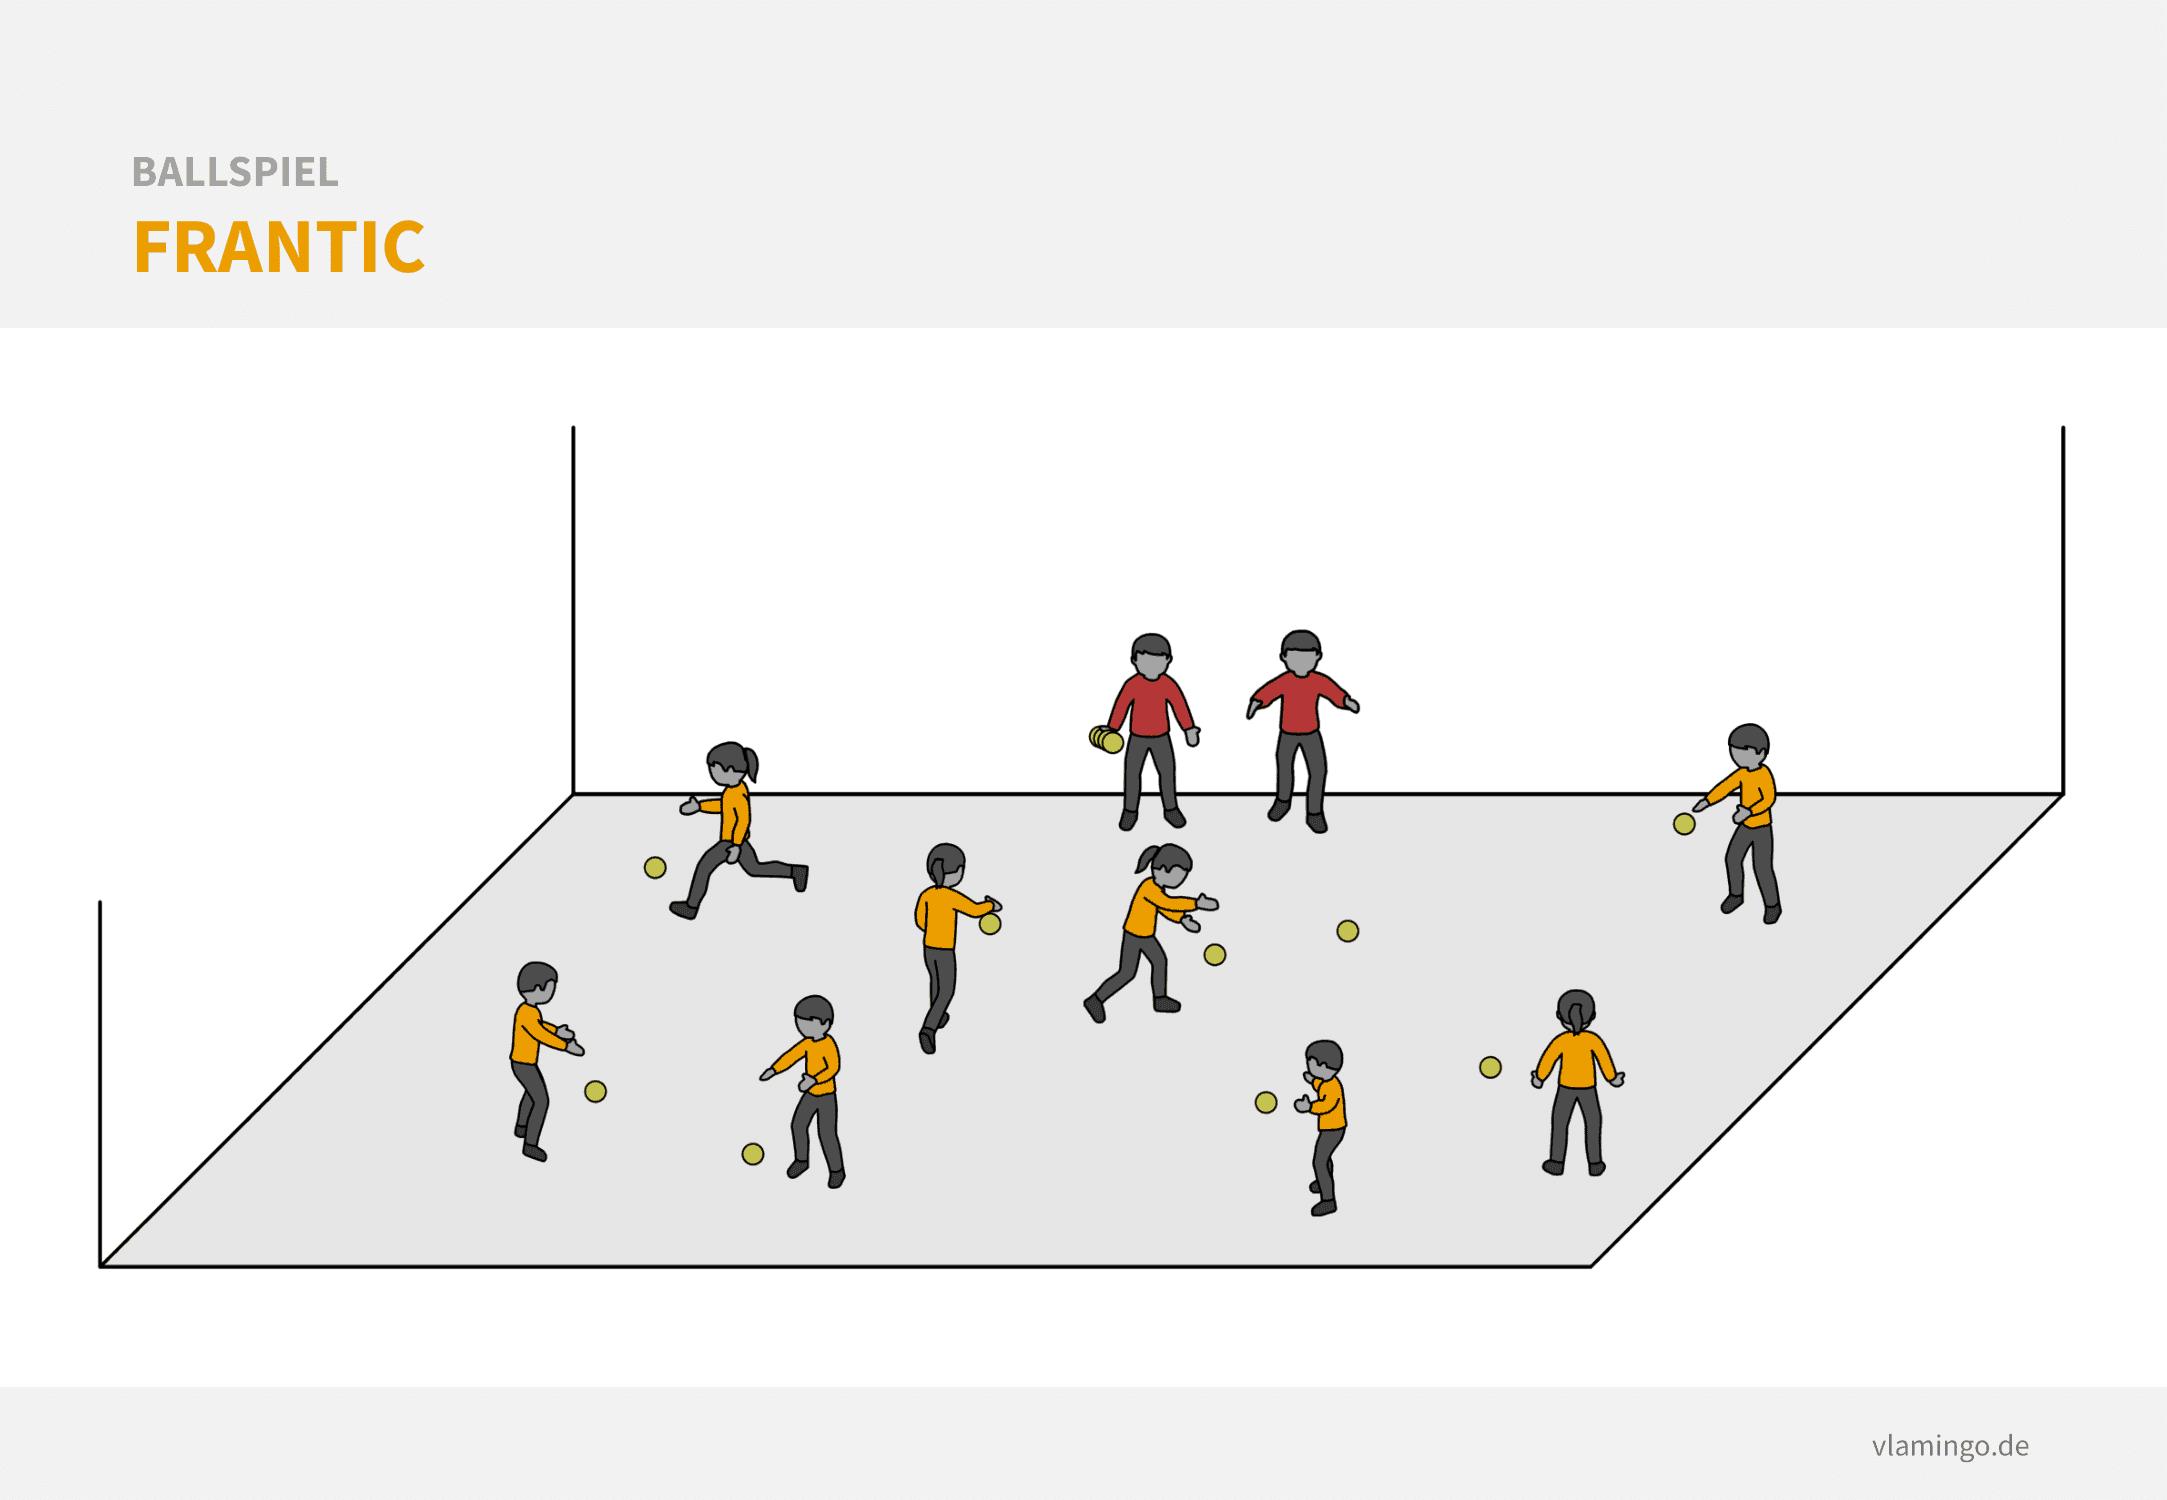 Ballspiel: Frantic